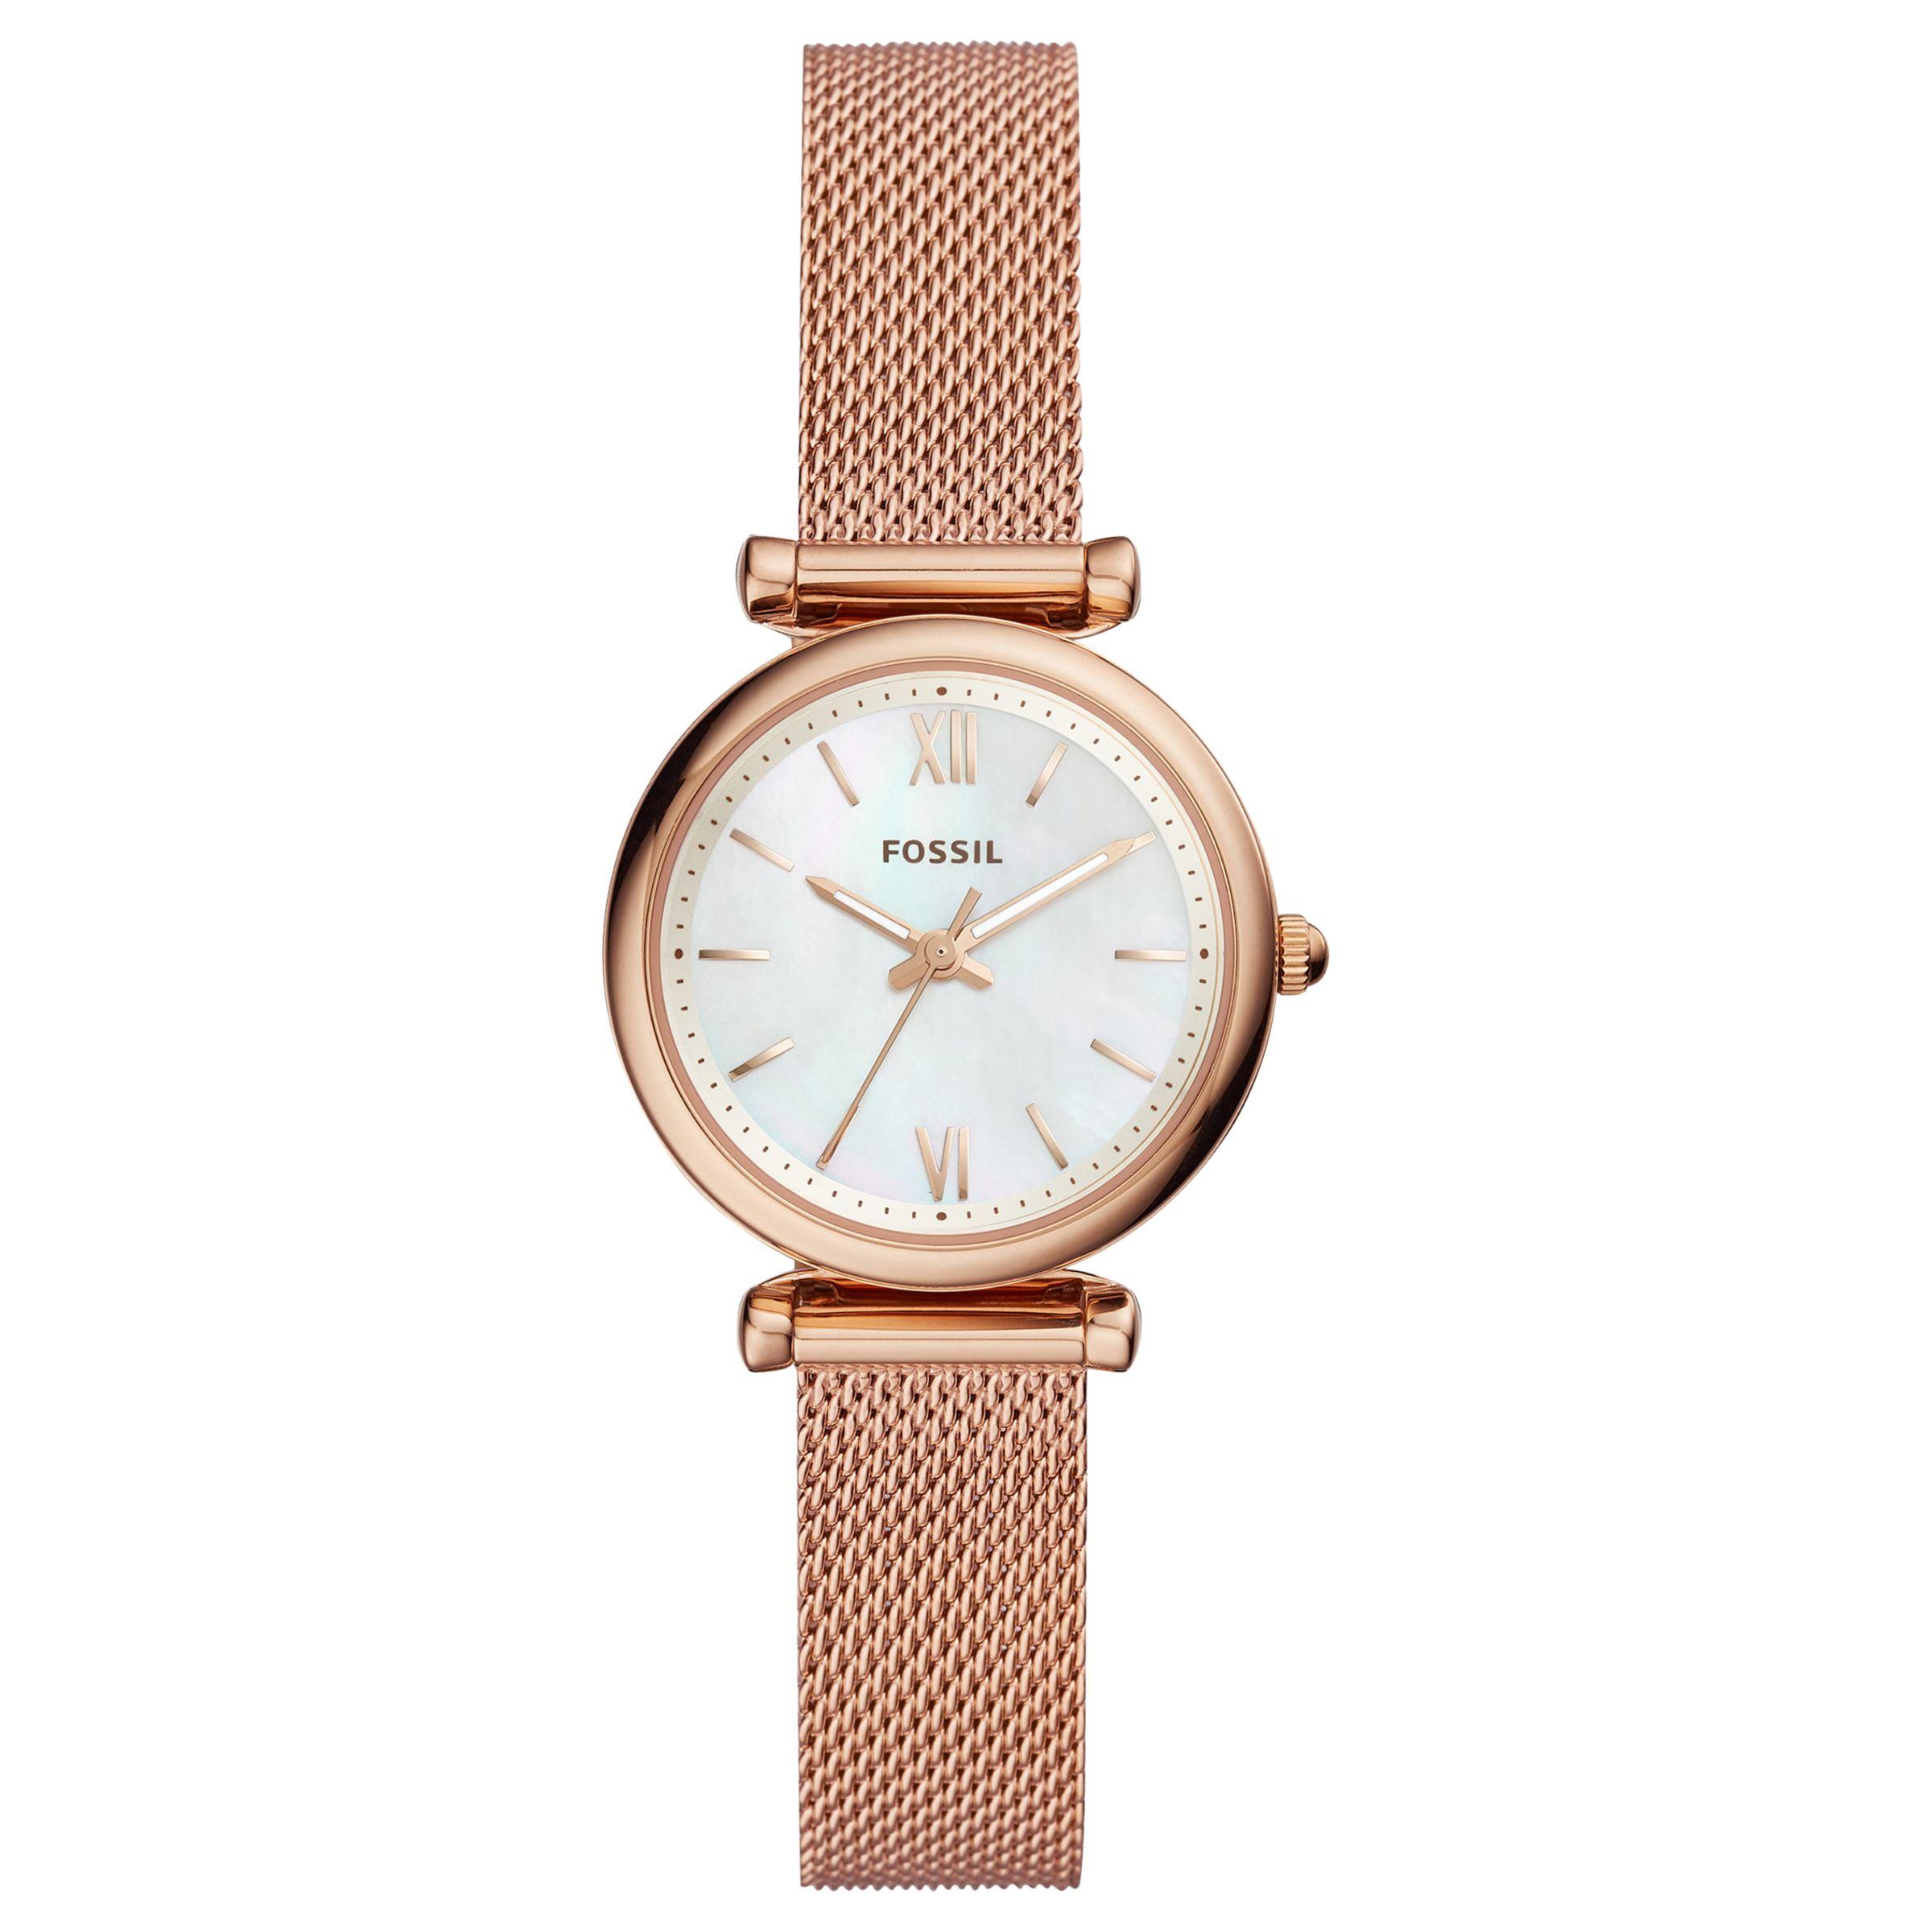 Fossil Fossil Women's Mini Carlie Bracelet Strap Watch